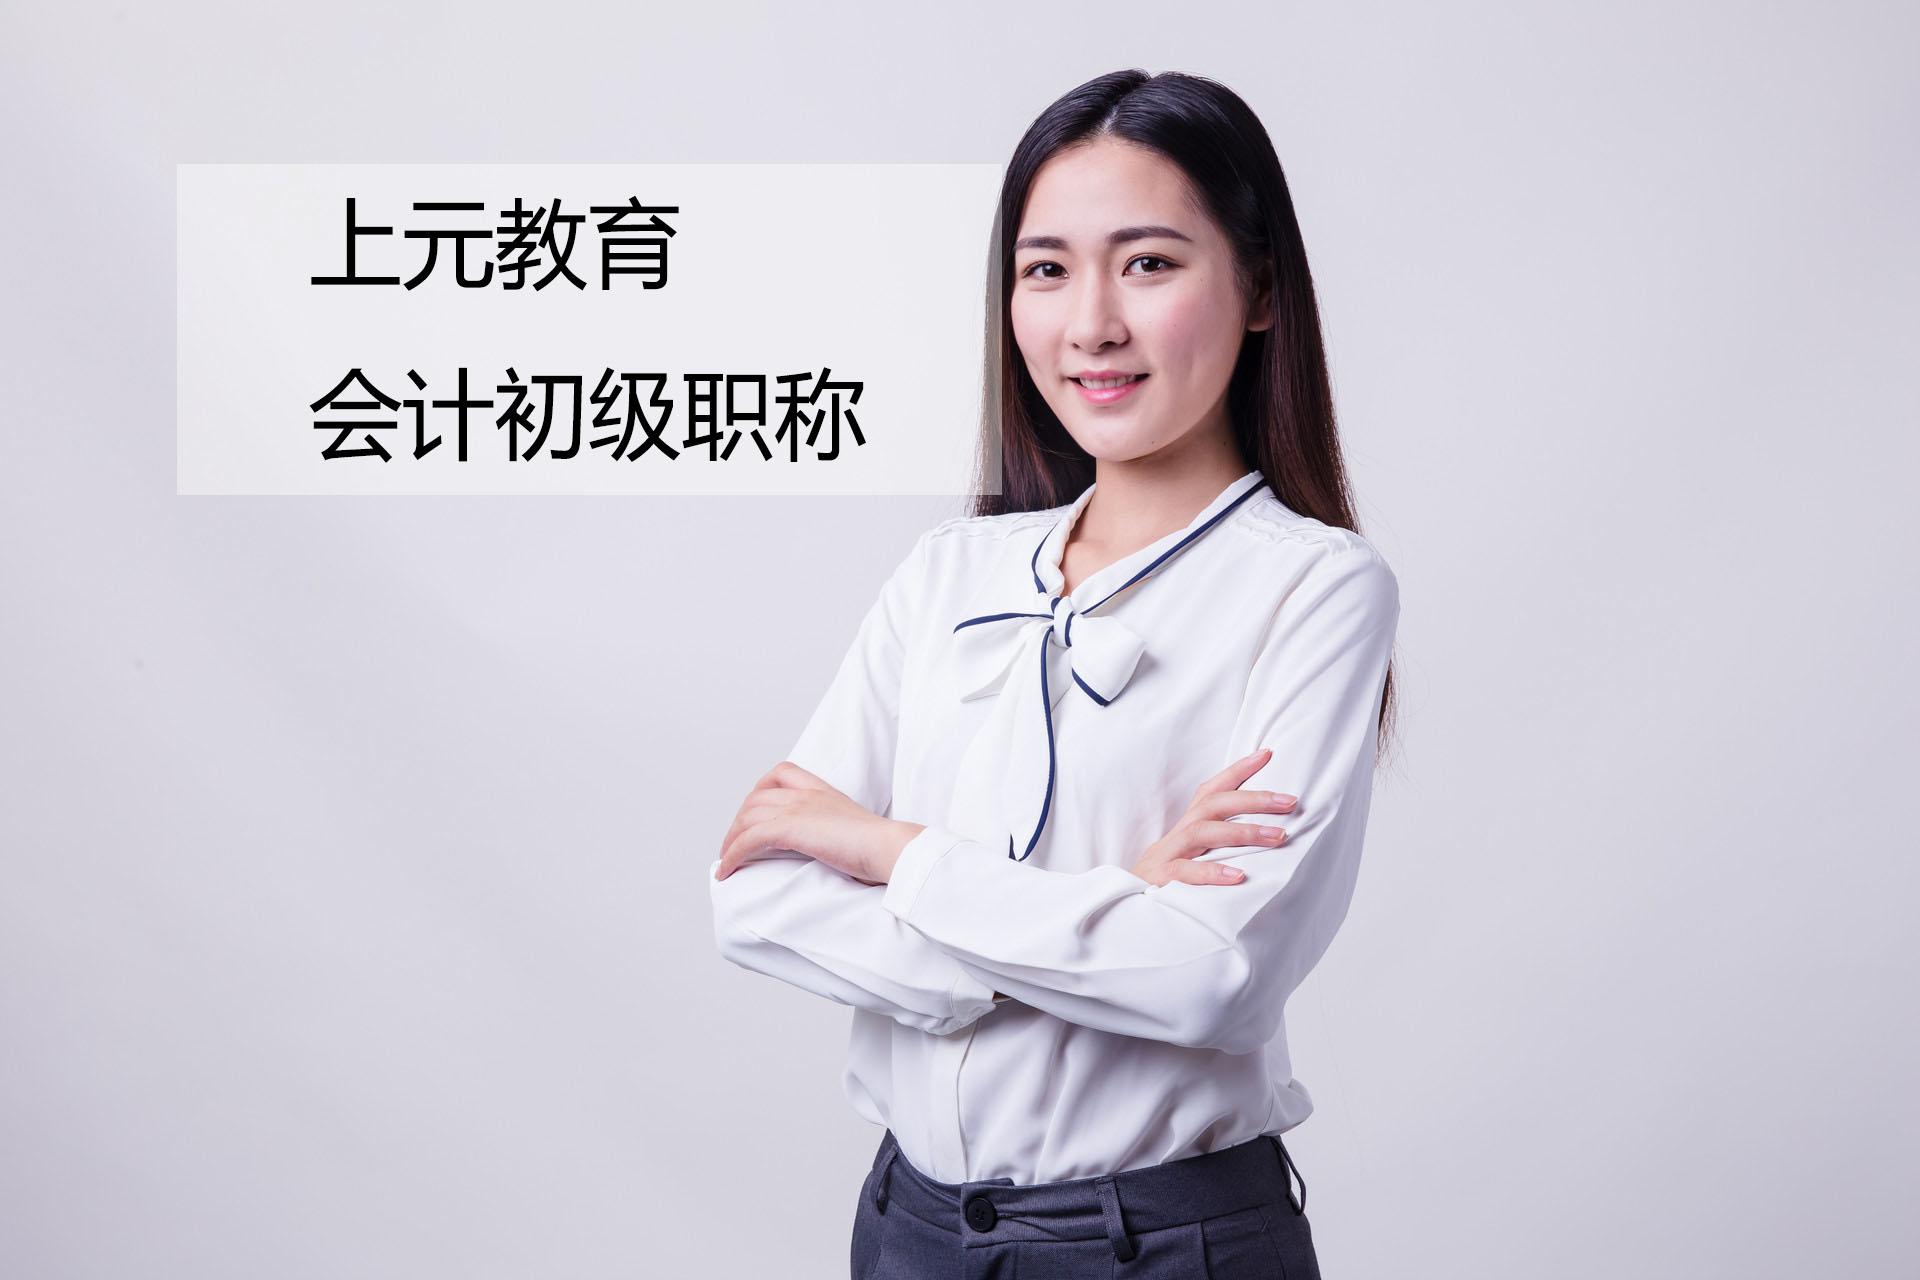 http://www.jiaokaotong.cn/huiji/238792.html